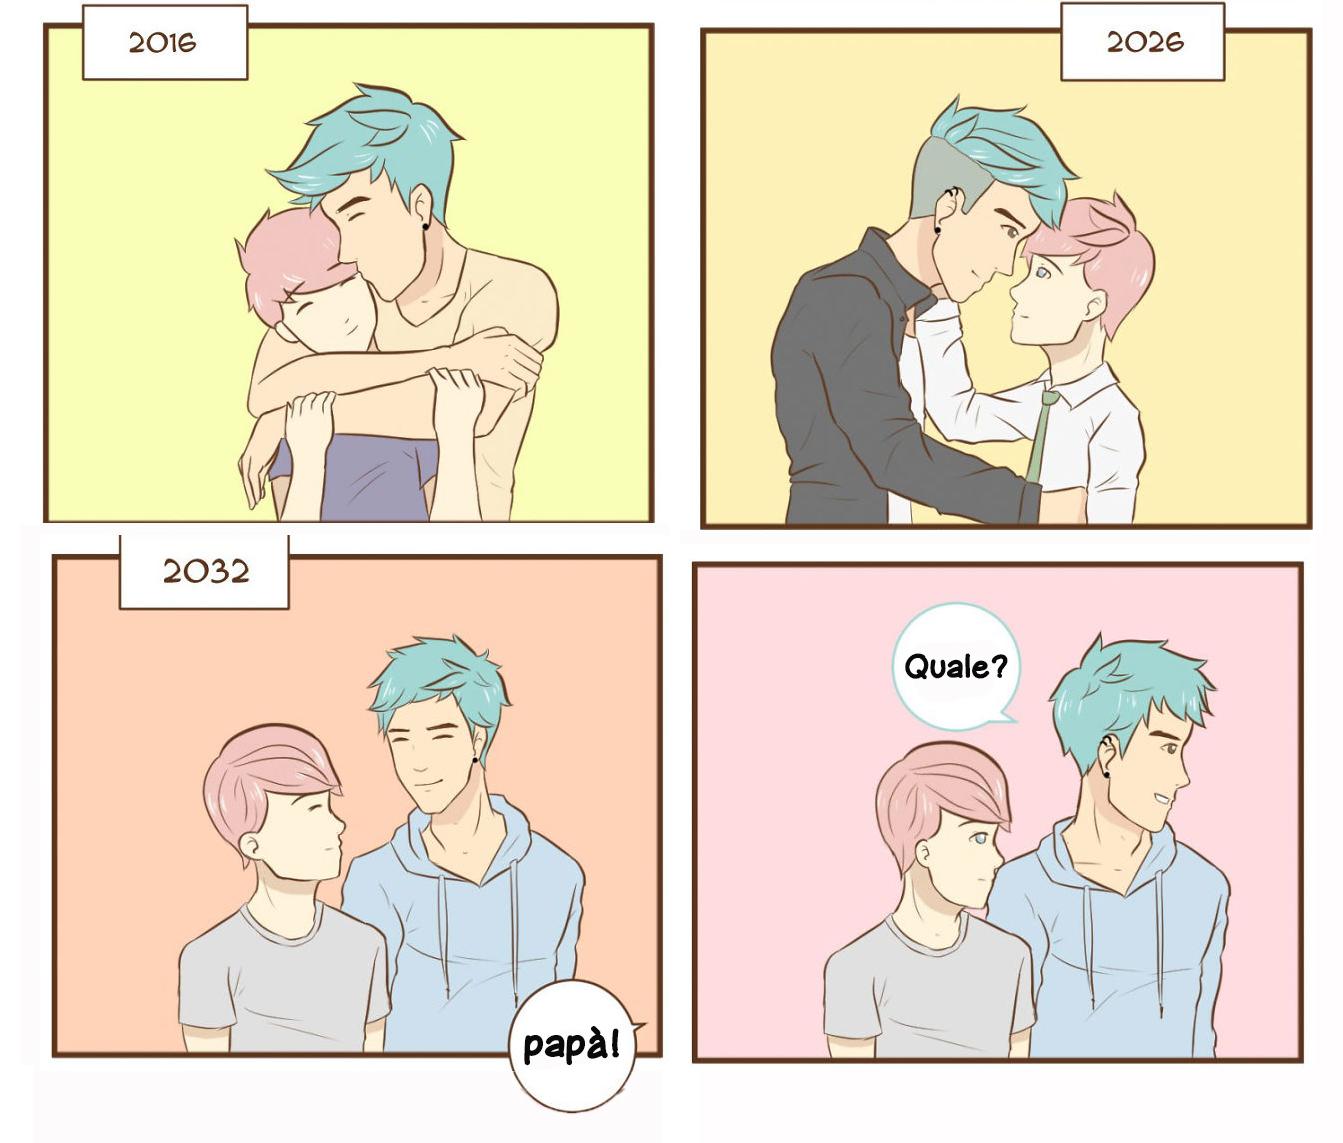 La vita di una coppia gay in 14 romantiche immagini